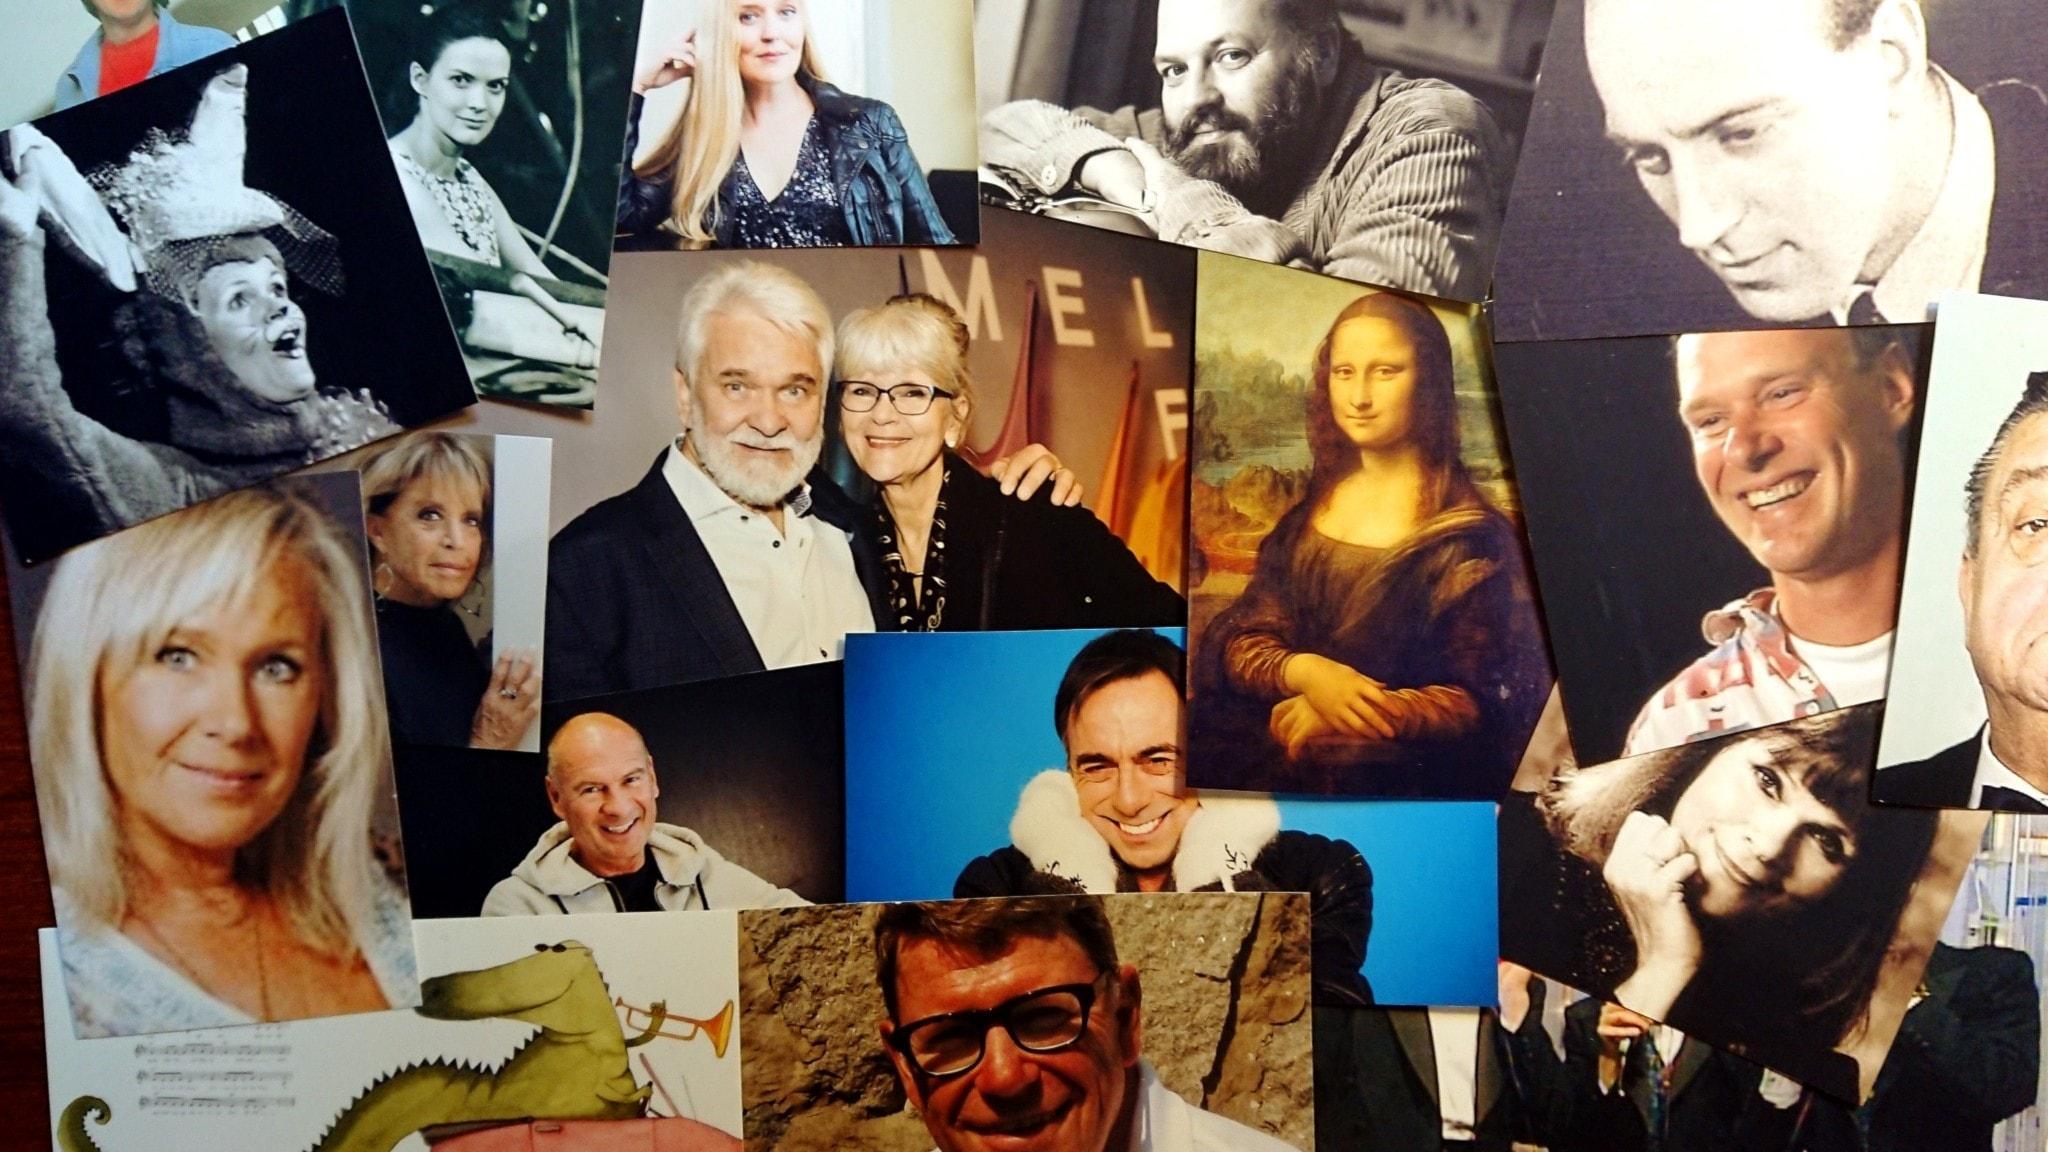 Bilden är ett collage av artister som nämns i programmet.